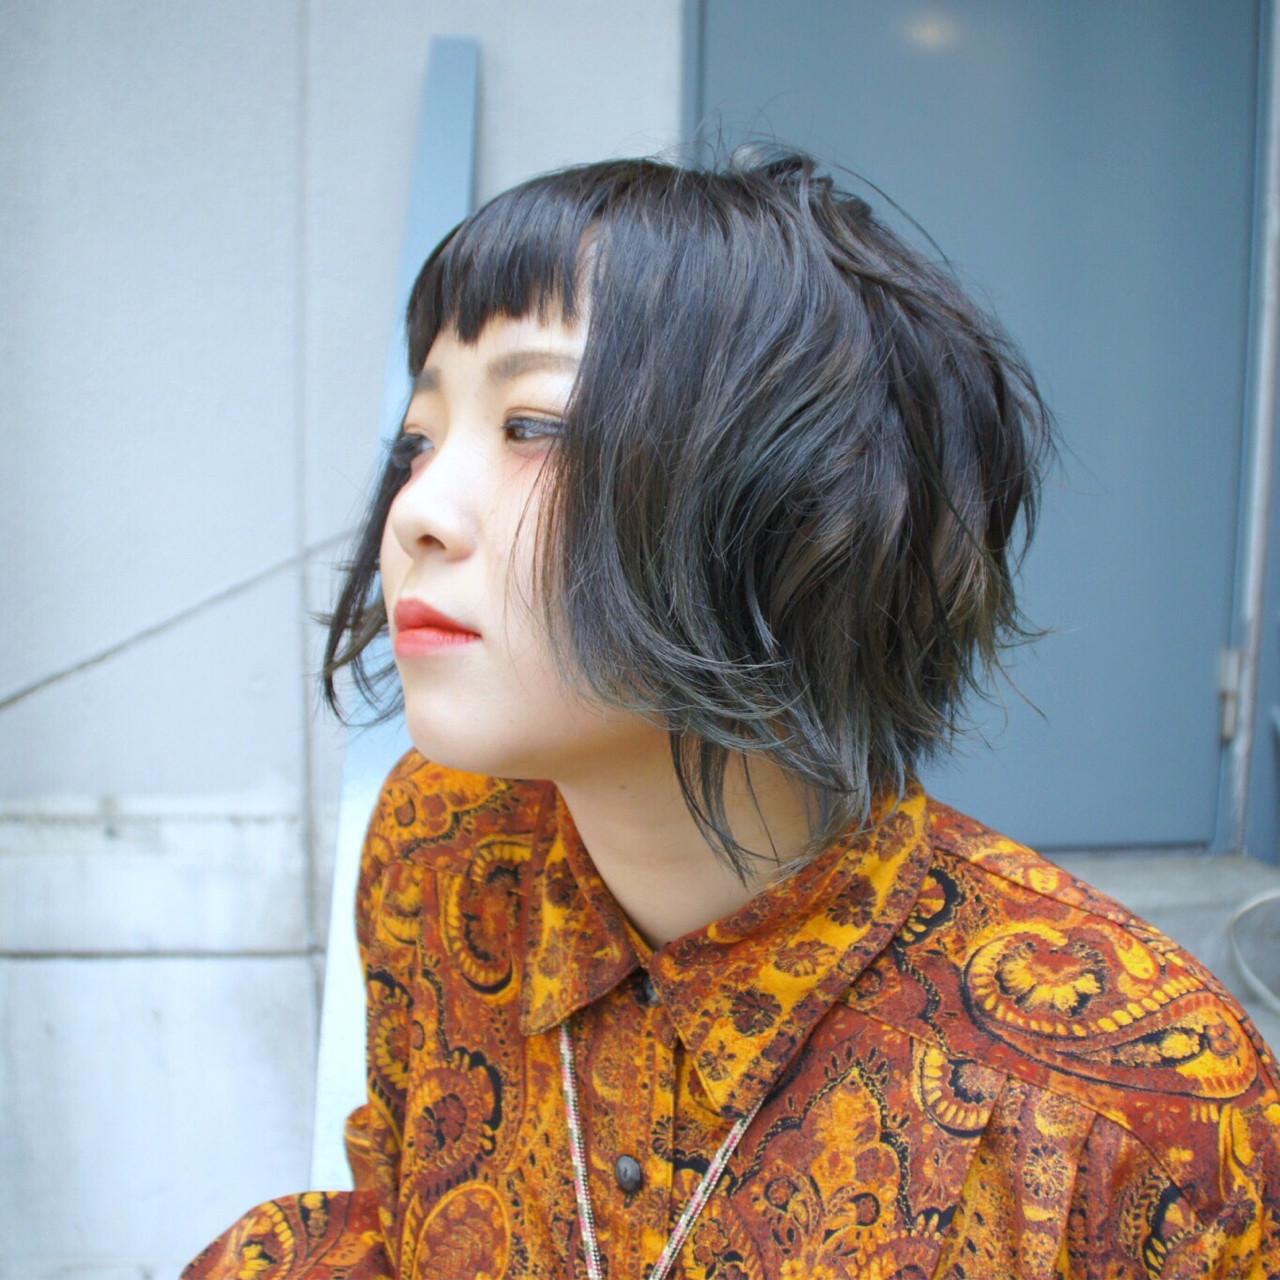 暗髪 ブルー メッシュ モード ヘアスタイルや髪型の写真・画像